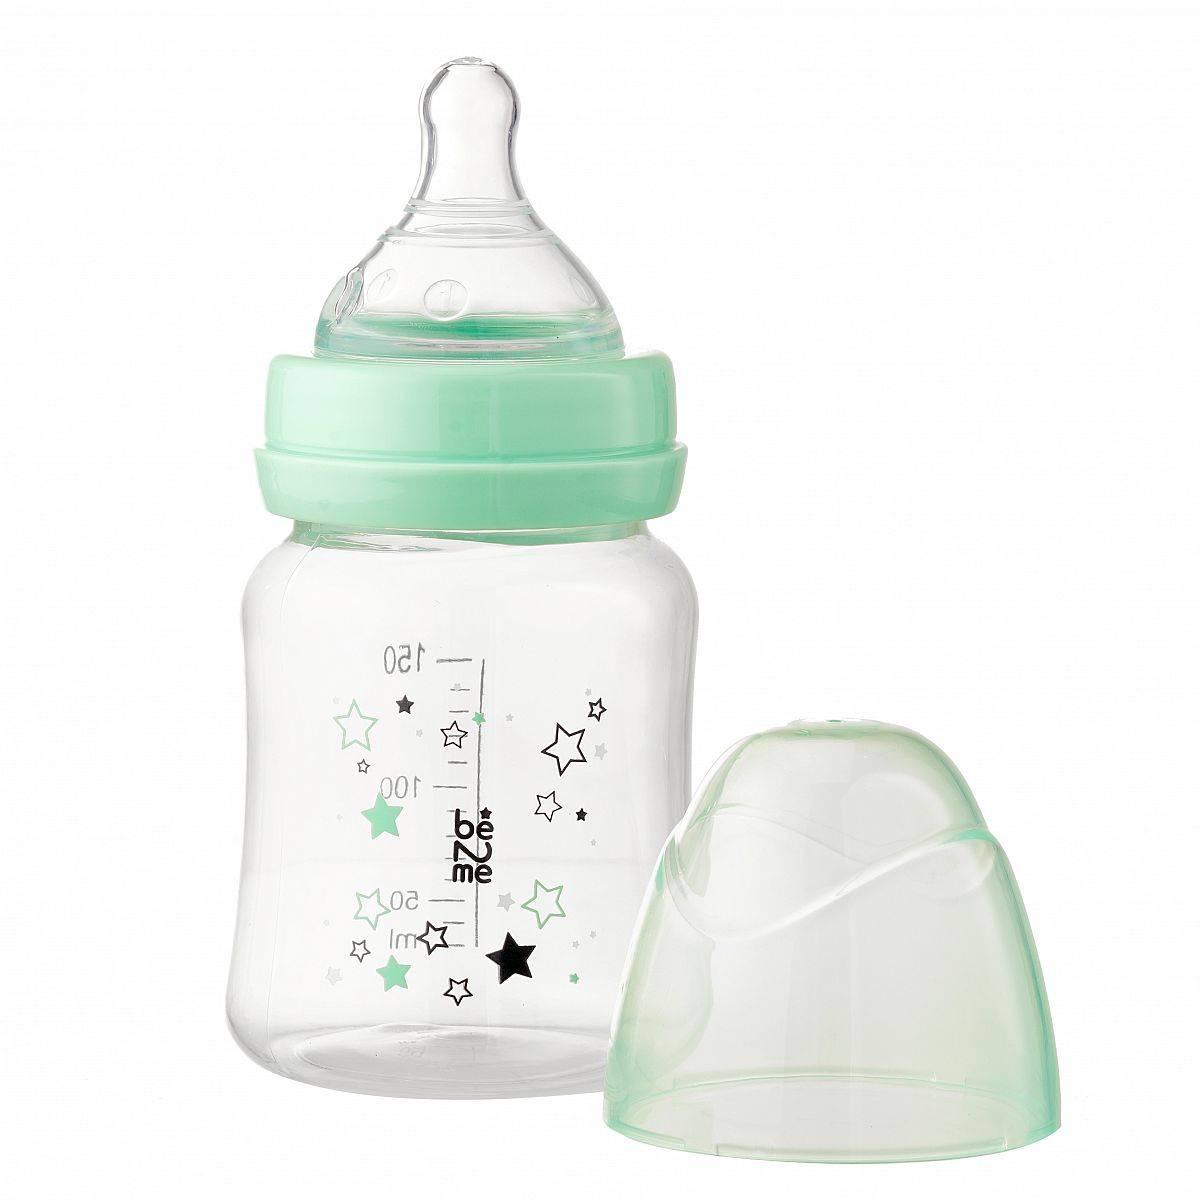 Топ-10 лучших бутылочек для новорождённых в 2020 году в рейтинге zuzako